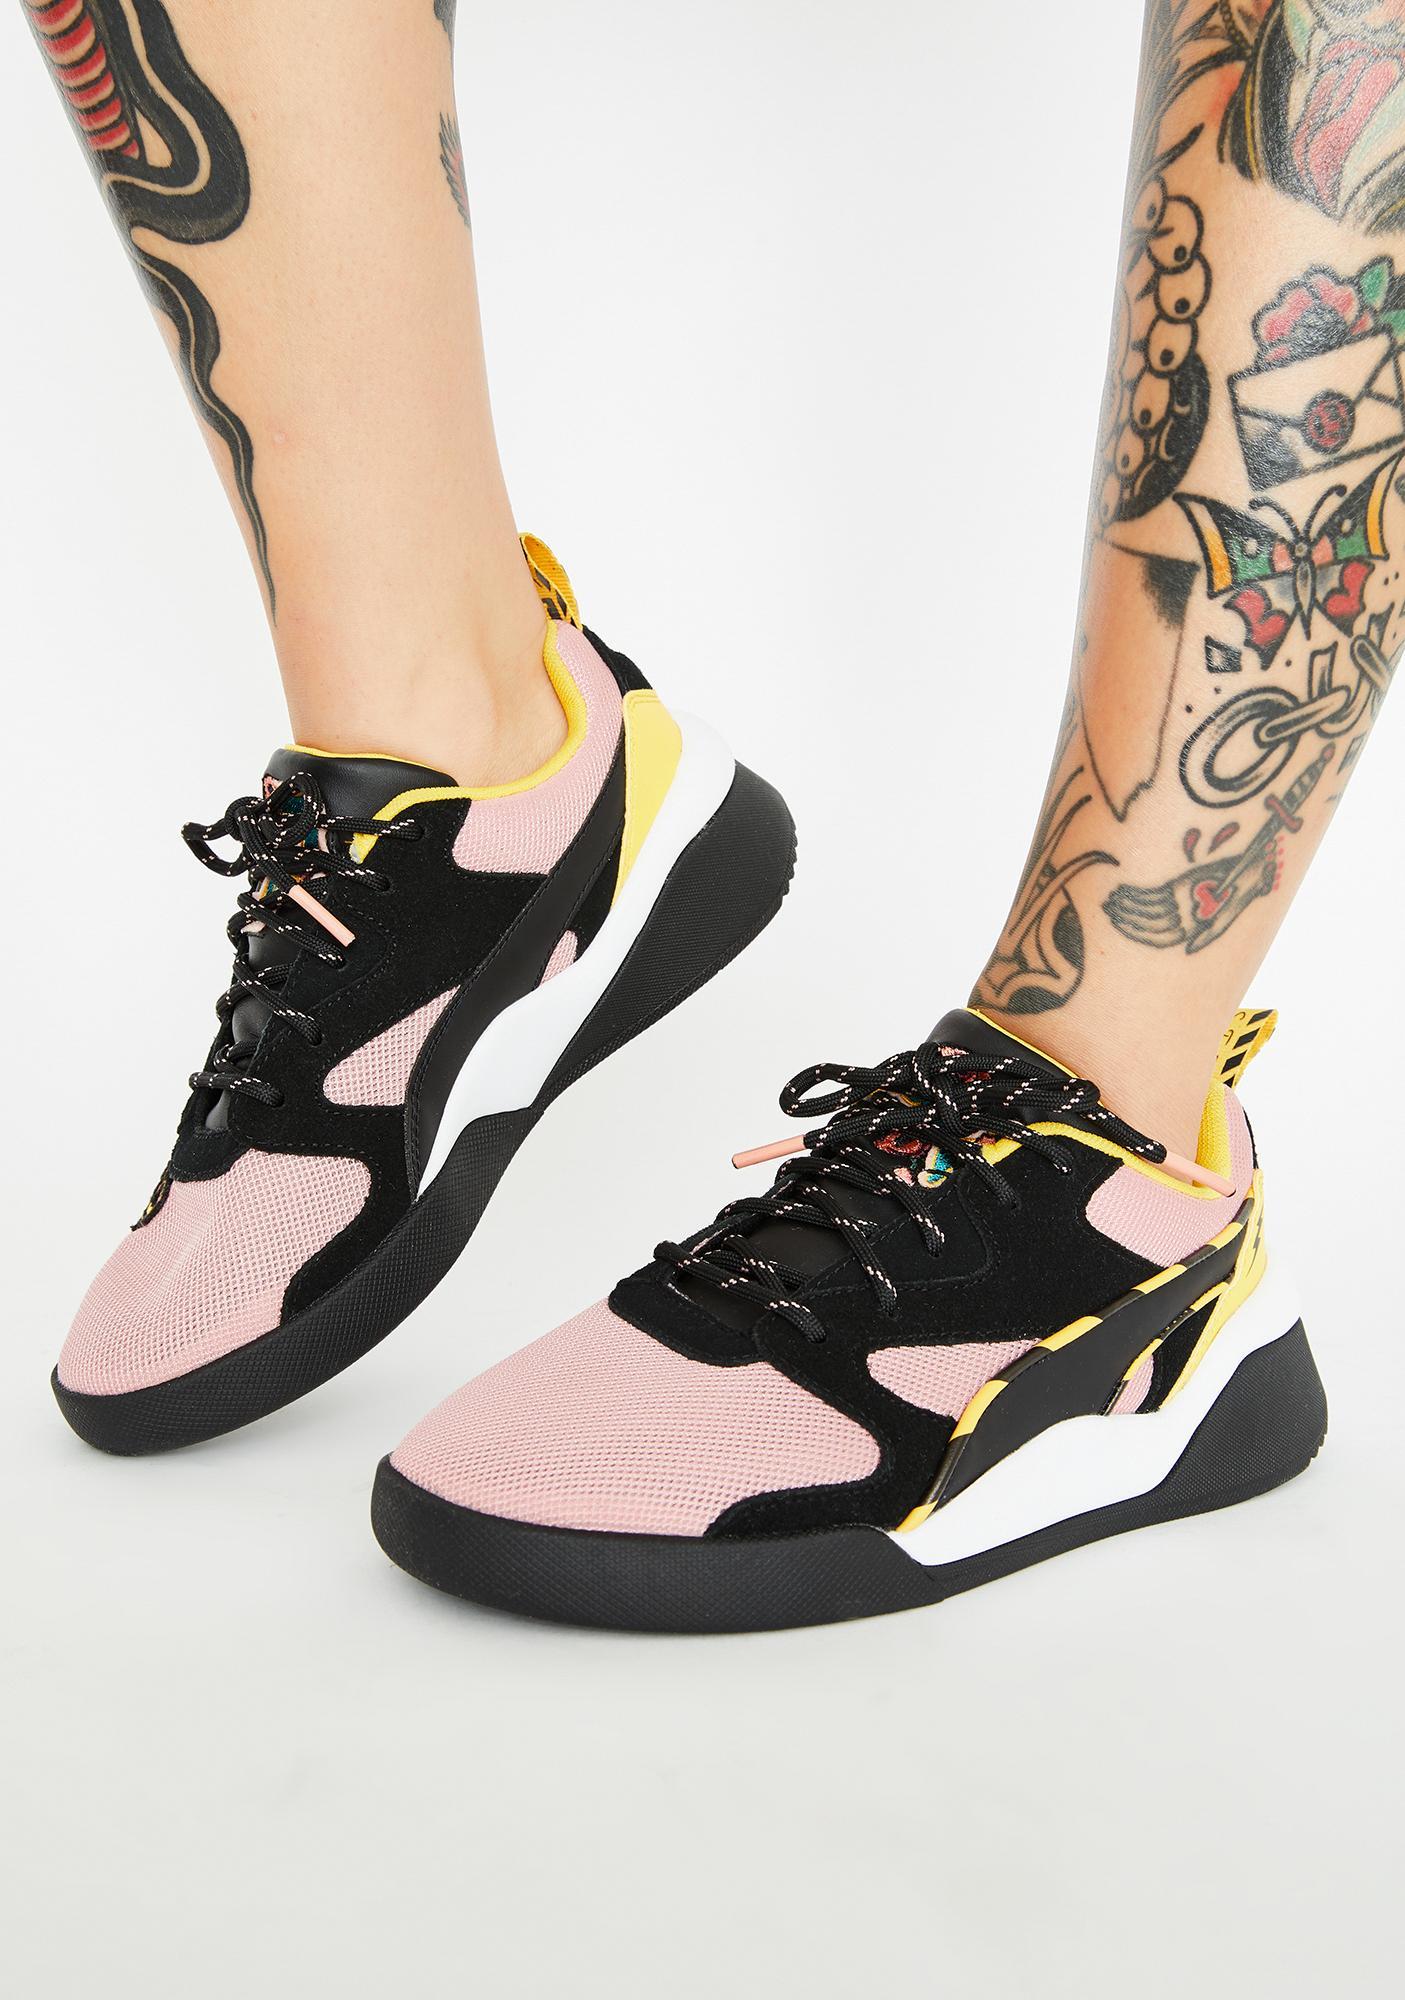 nouveau concept 4006a a9e9f X Sue Tsai Aeon Sneakers